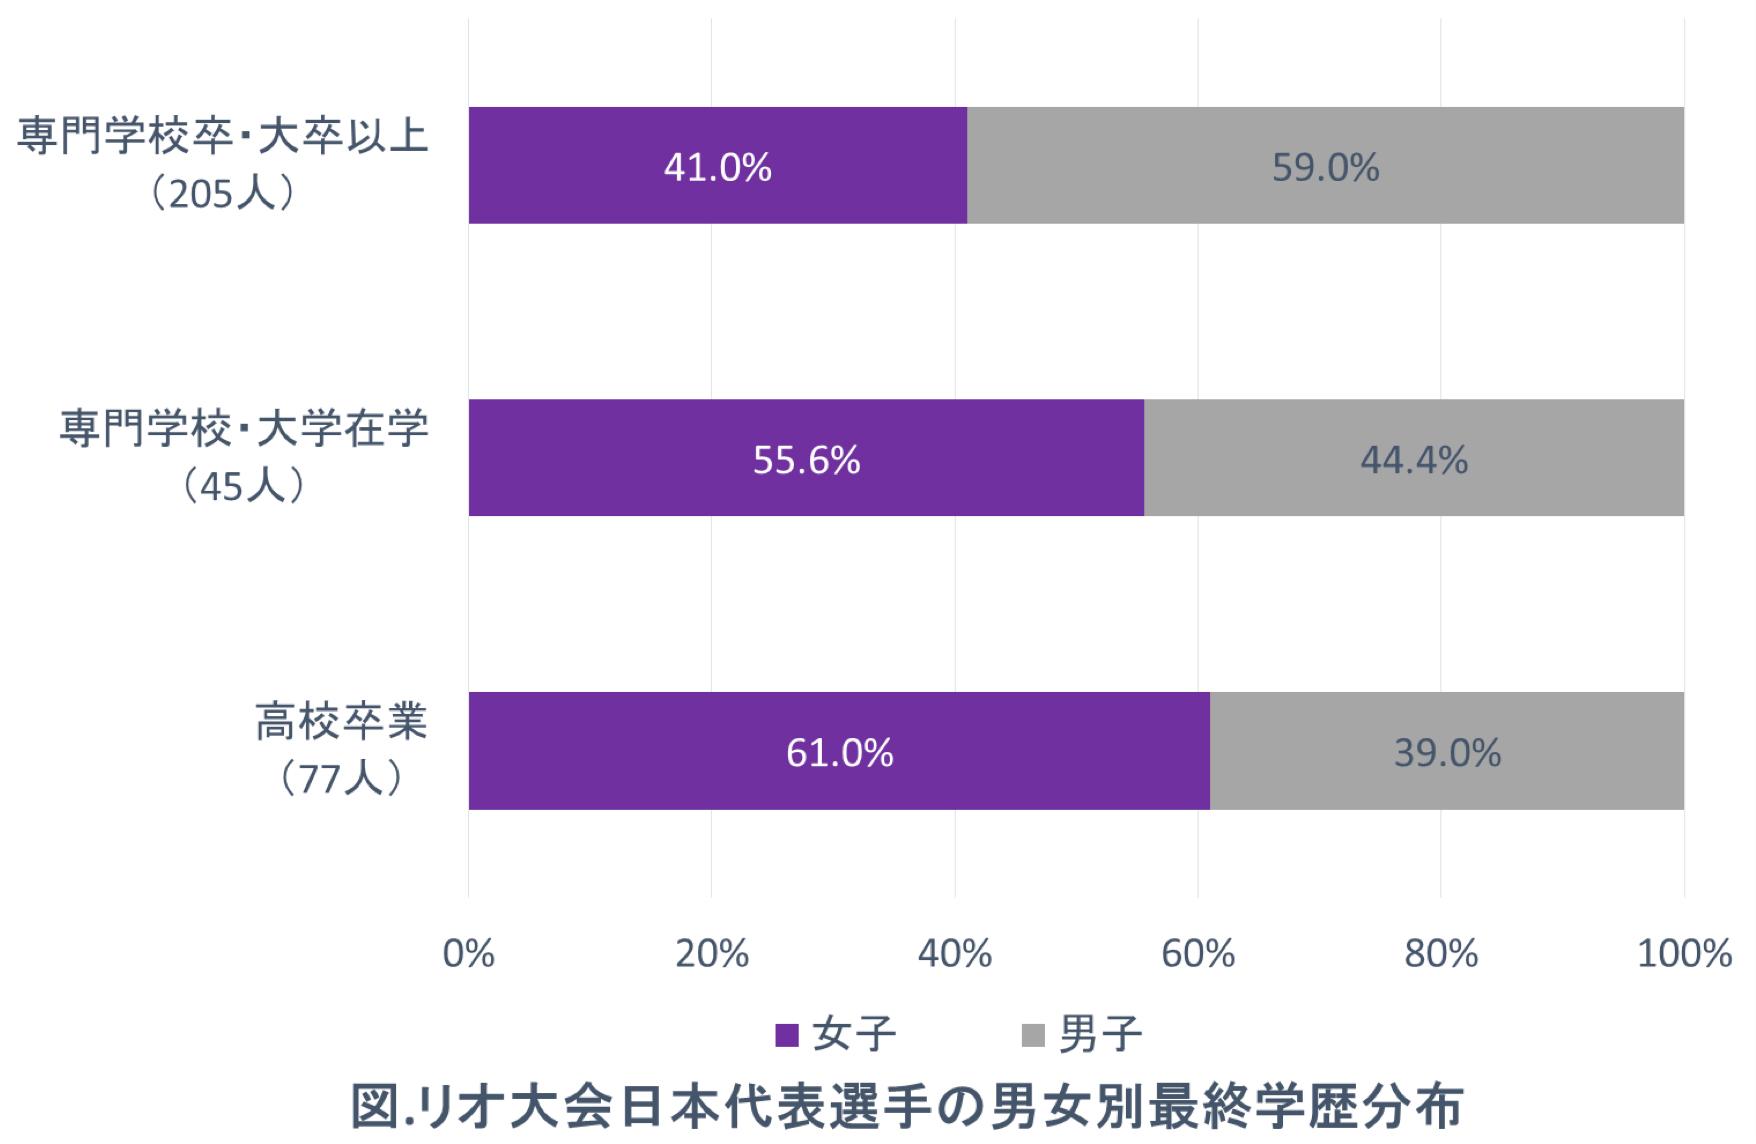 図.リオ大会日本代表選手の男女別最終学歴分布